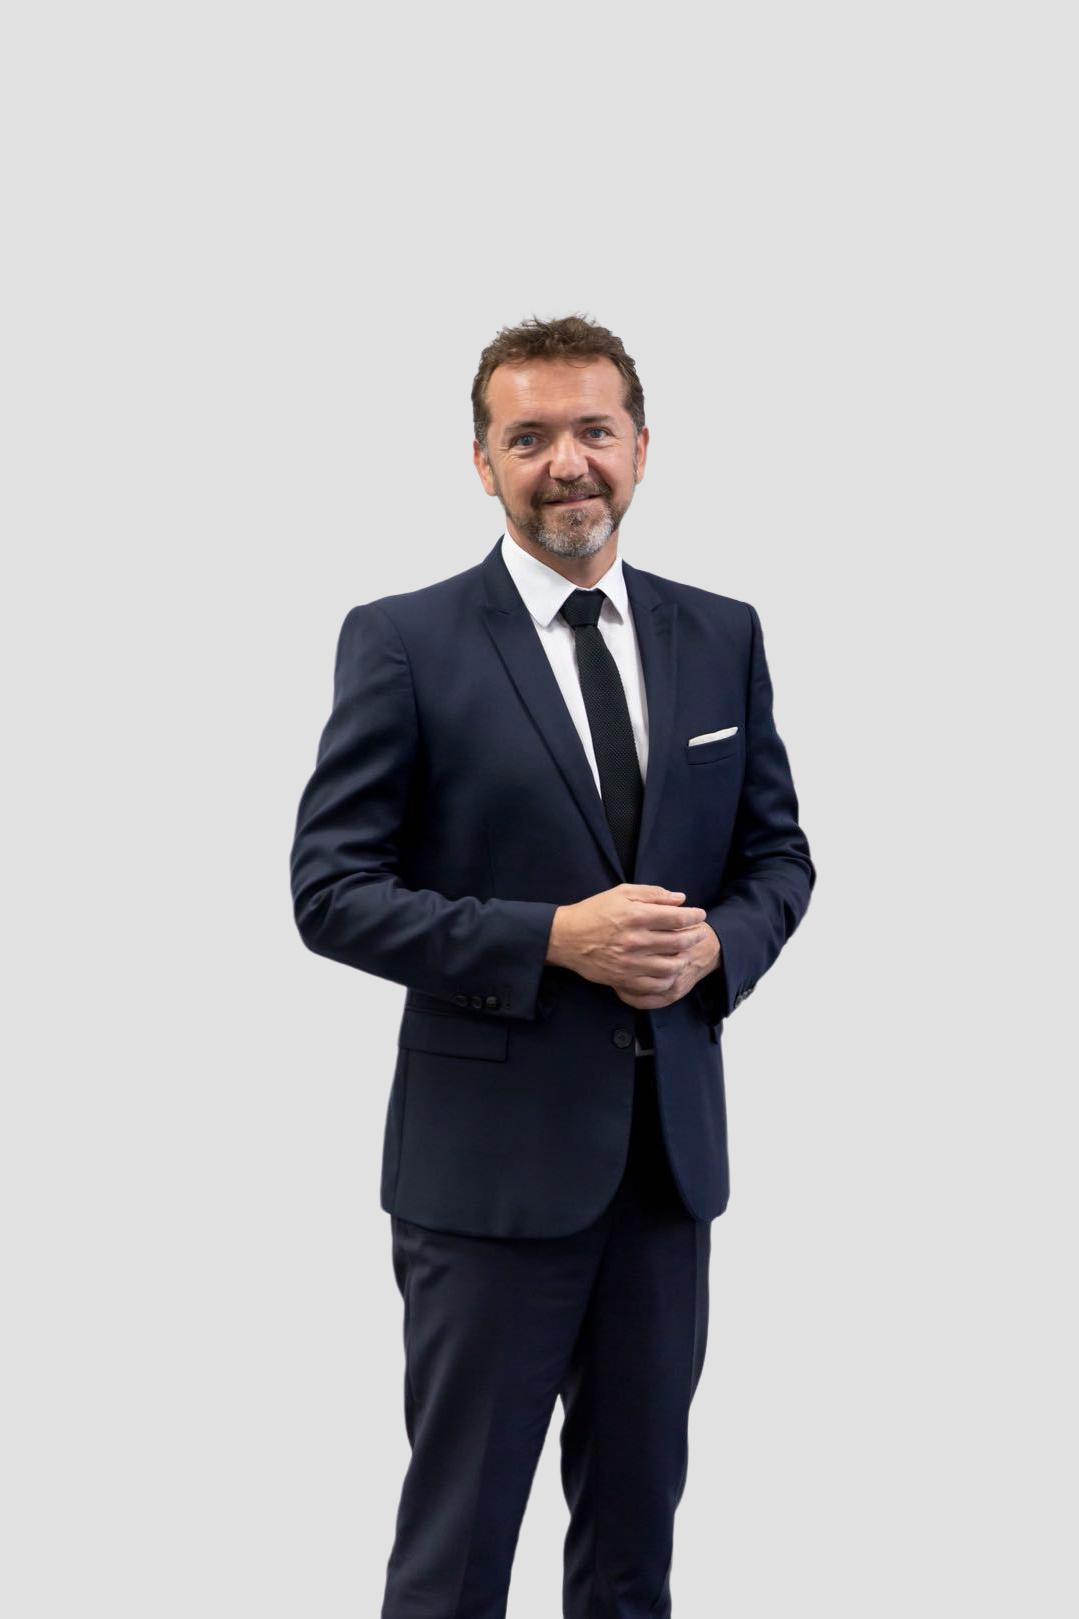 2023年前推5款核心竞争车型  施戈迈出任华晨雷诺首席执行官